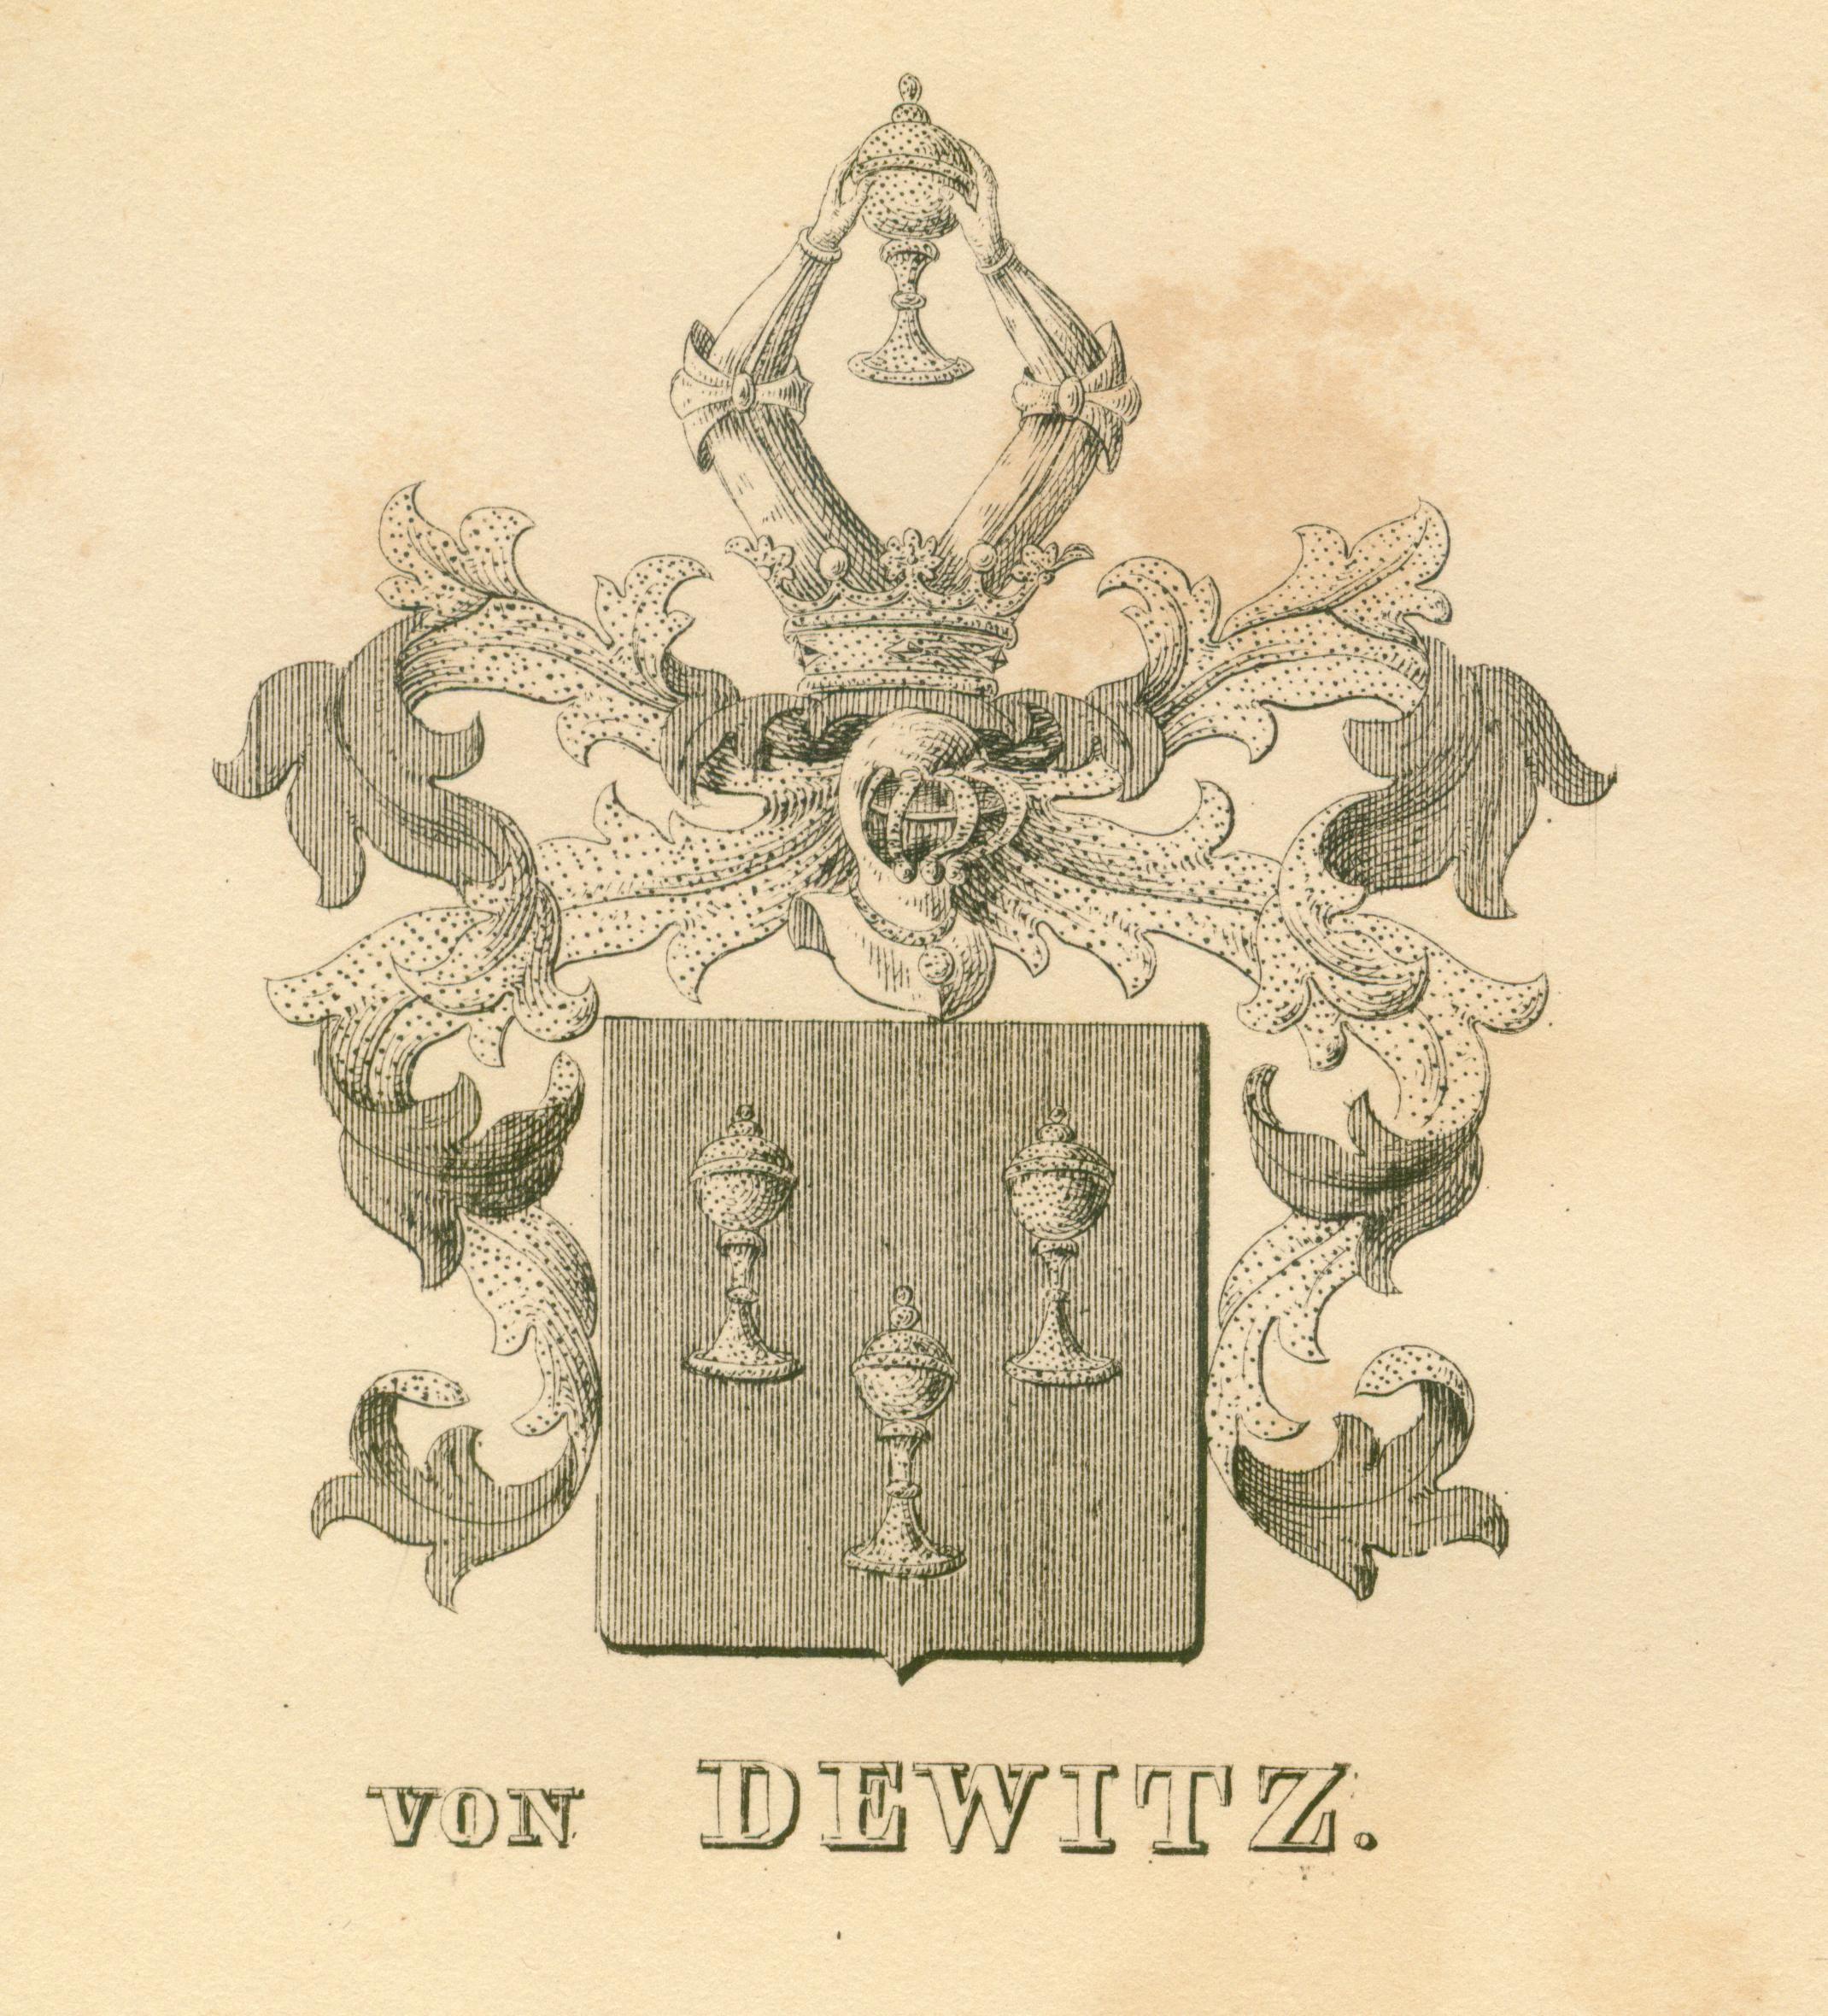 Dewitz